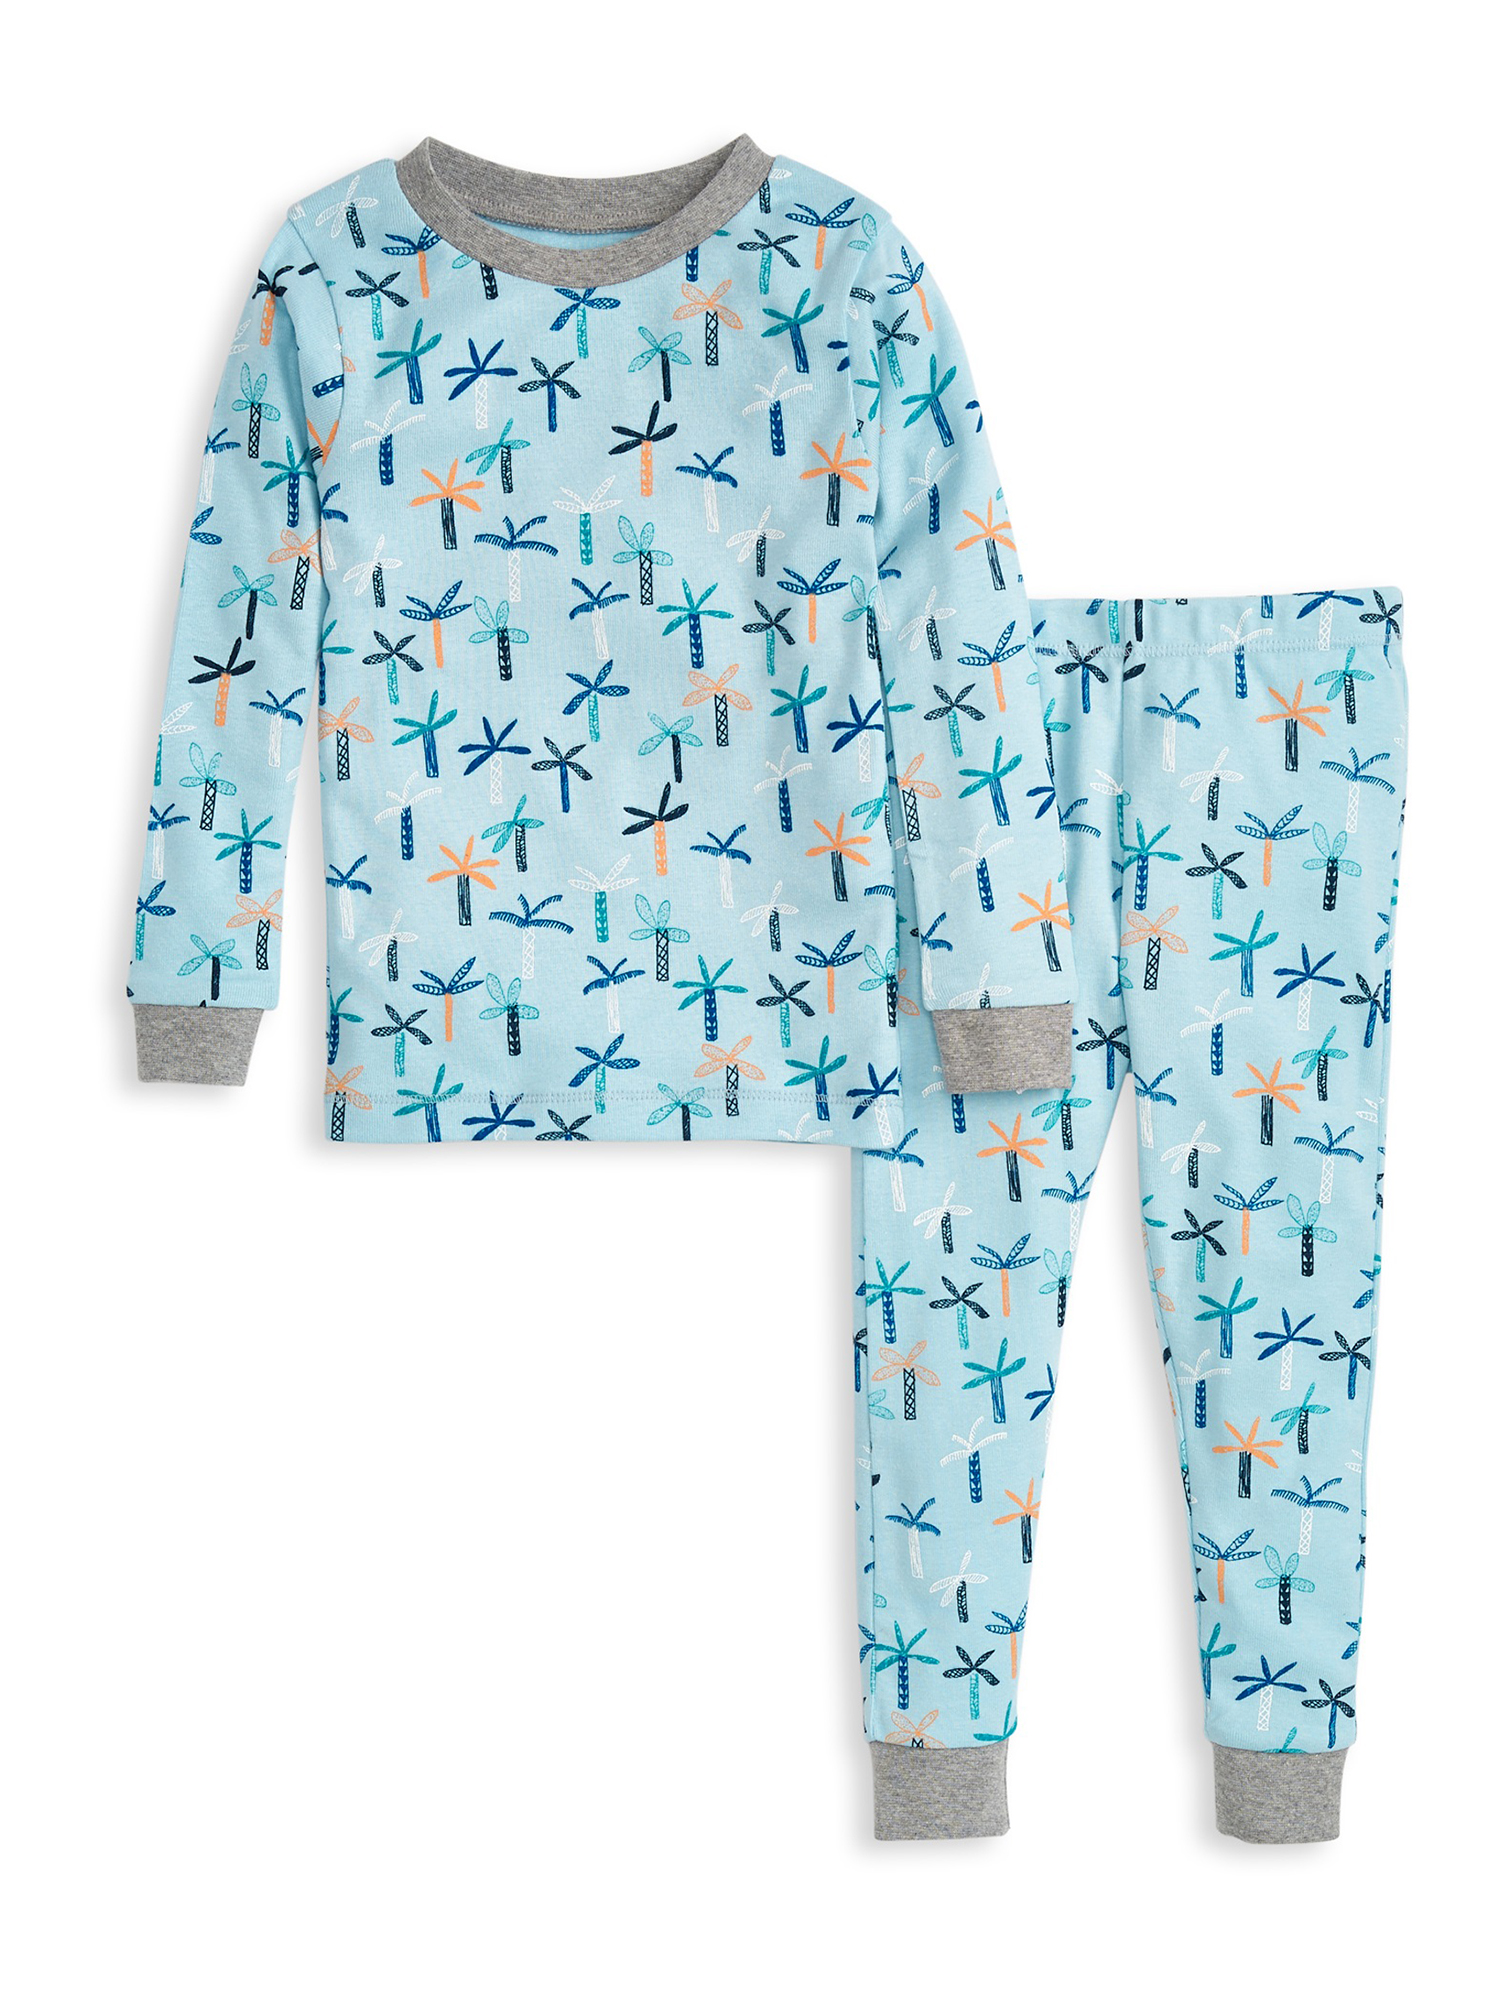 Burt/'s Bees Baby or Toddler Boy or Girl Organic Cotton 2Pc Longsleeve Pajama Set